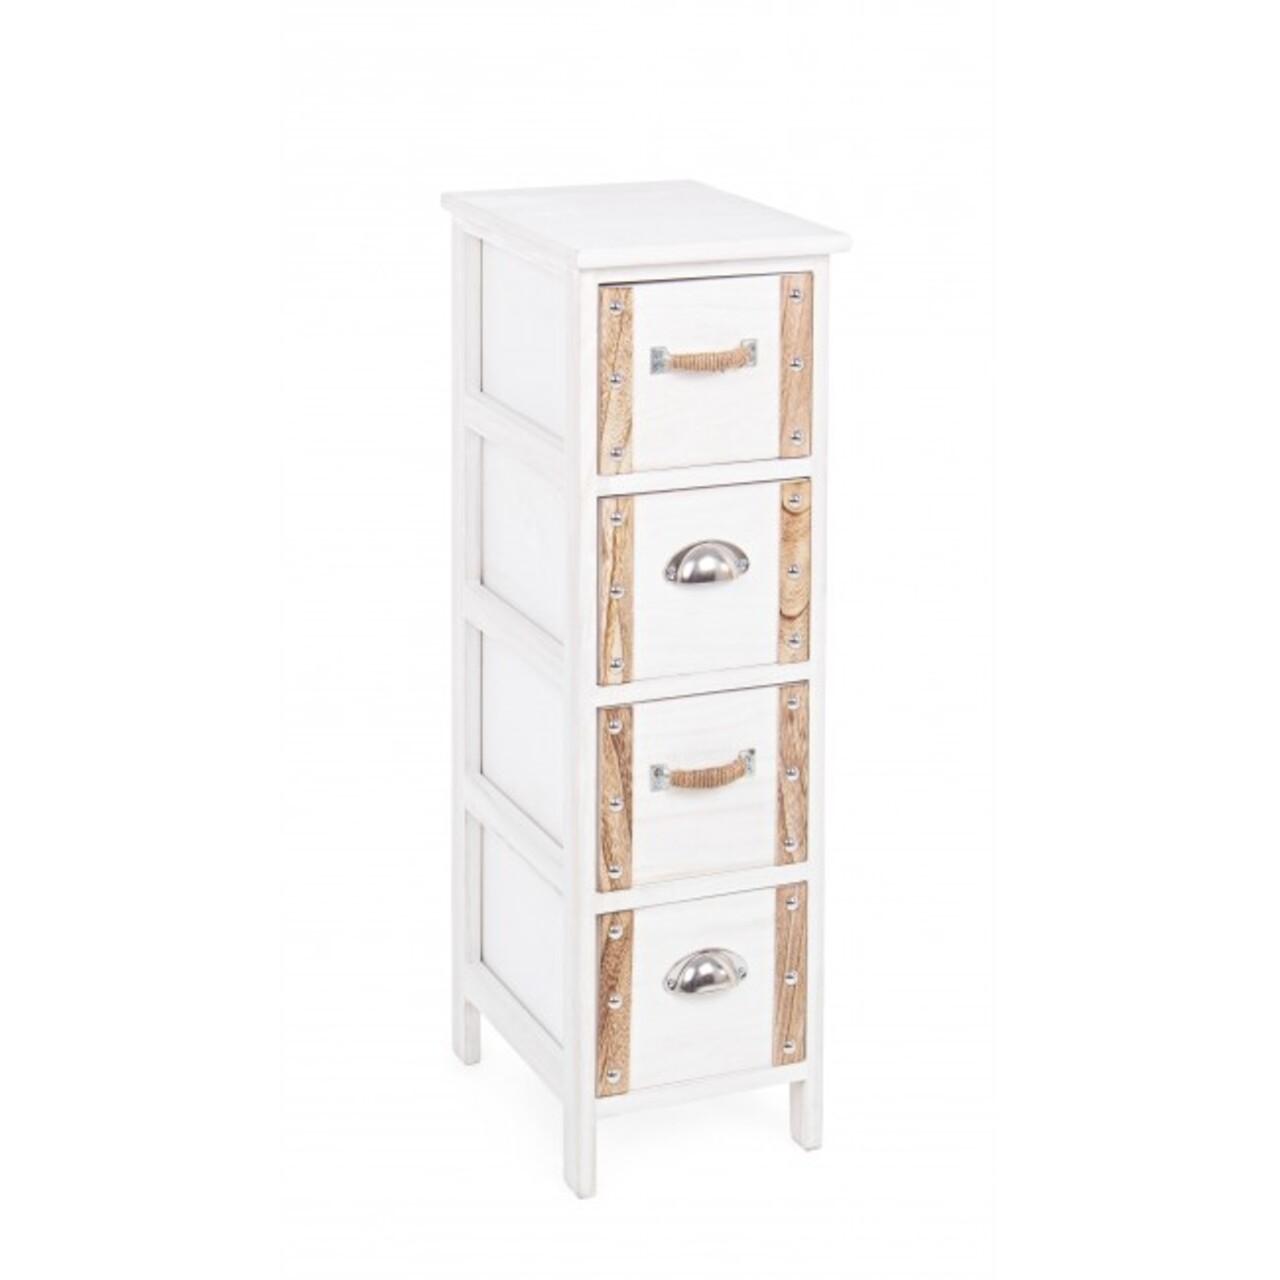 Comoda cu 4 sertare, Romance, Bizzotto, 26x32x81 cm, lemn de paulownia